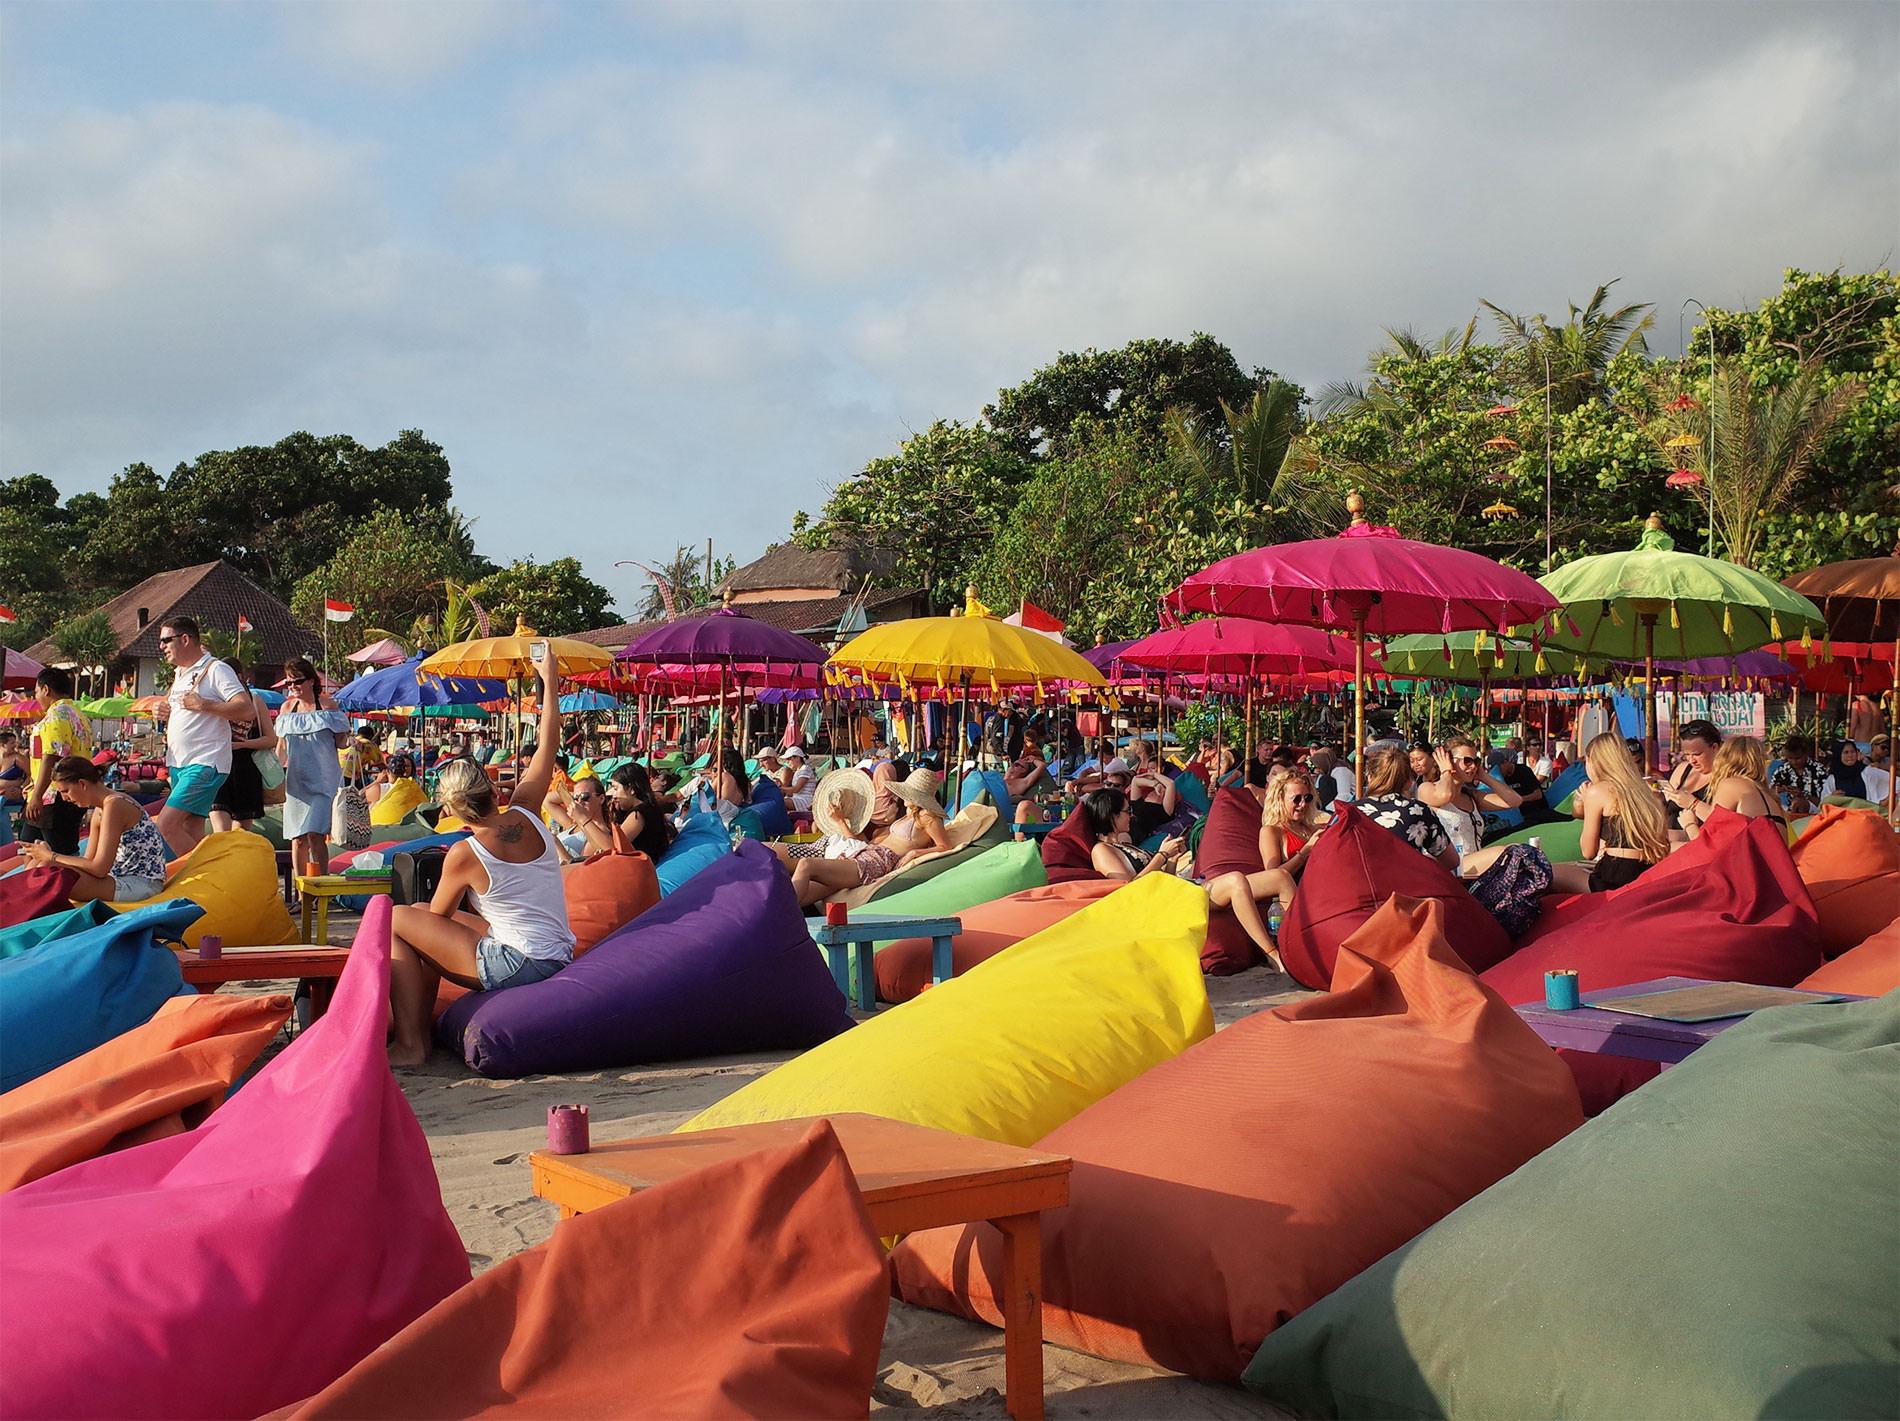 ラプランチャ ビーチバー&レストラン | バリ旅行2018 / La Plancha Beach Bar & Restaurant, bali, seminyak, 2018